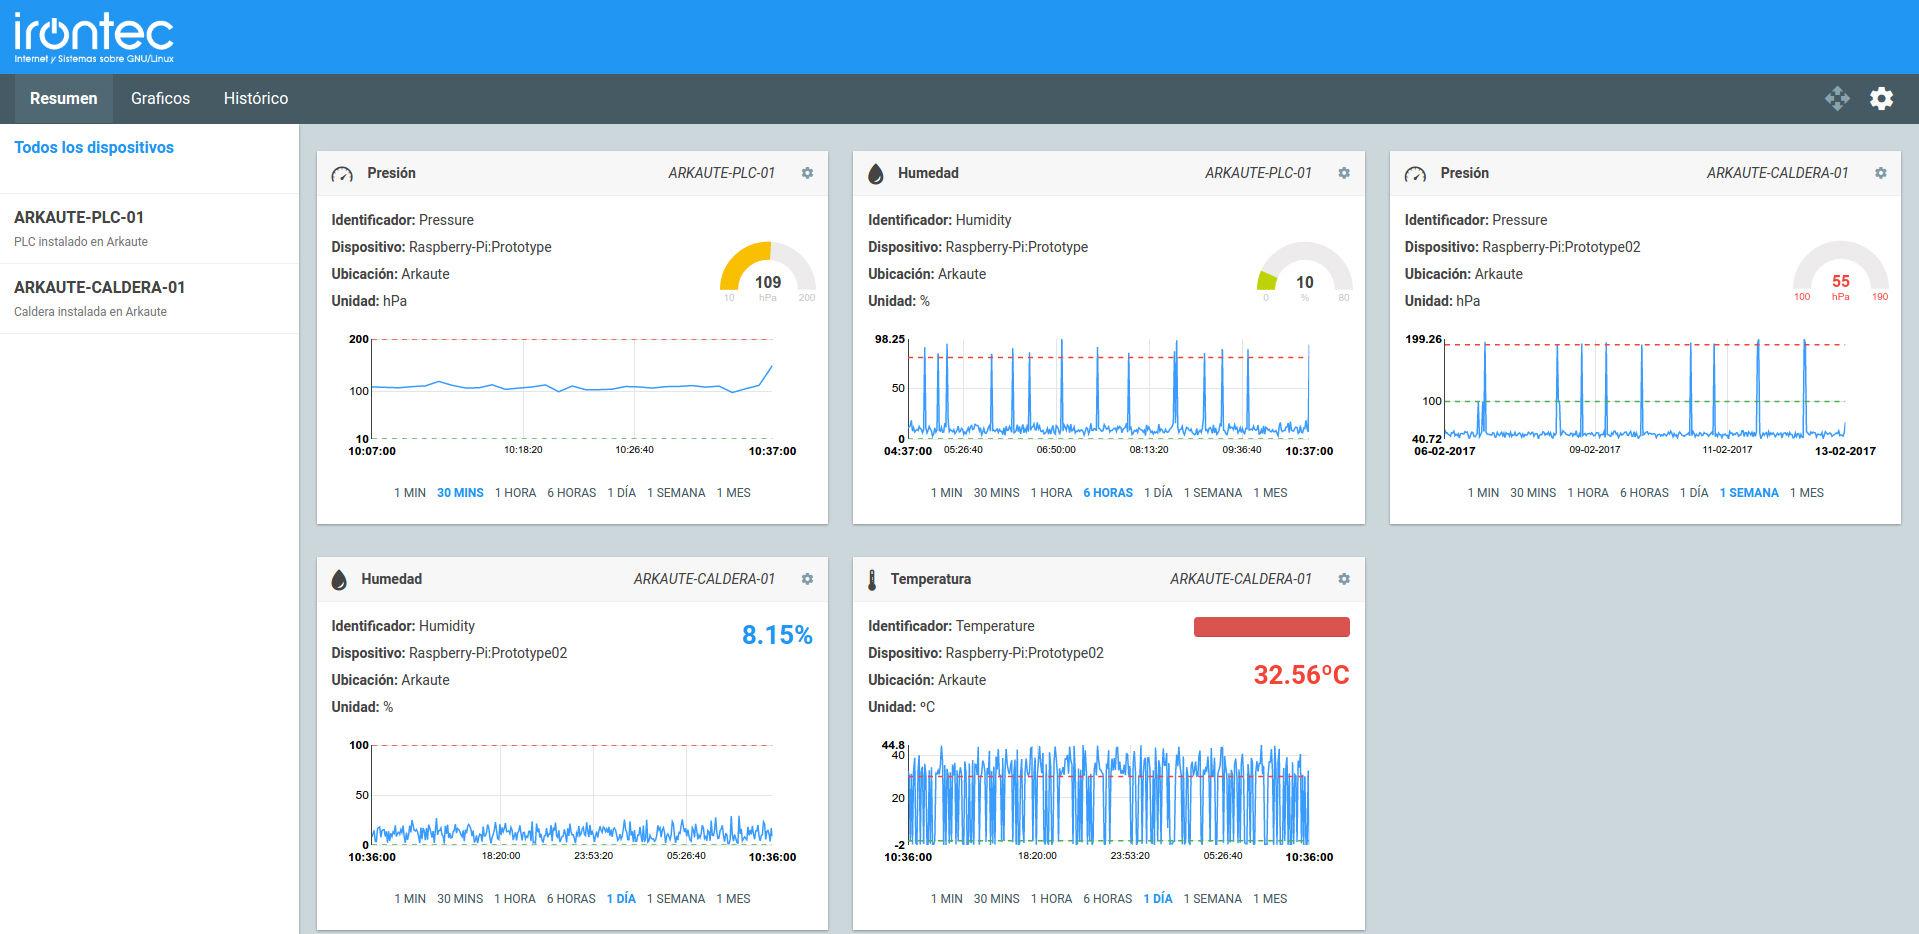 Resumen nueva plataforma IoT Irontec